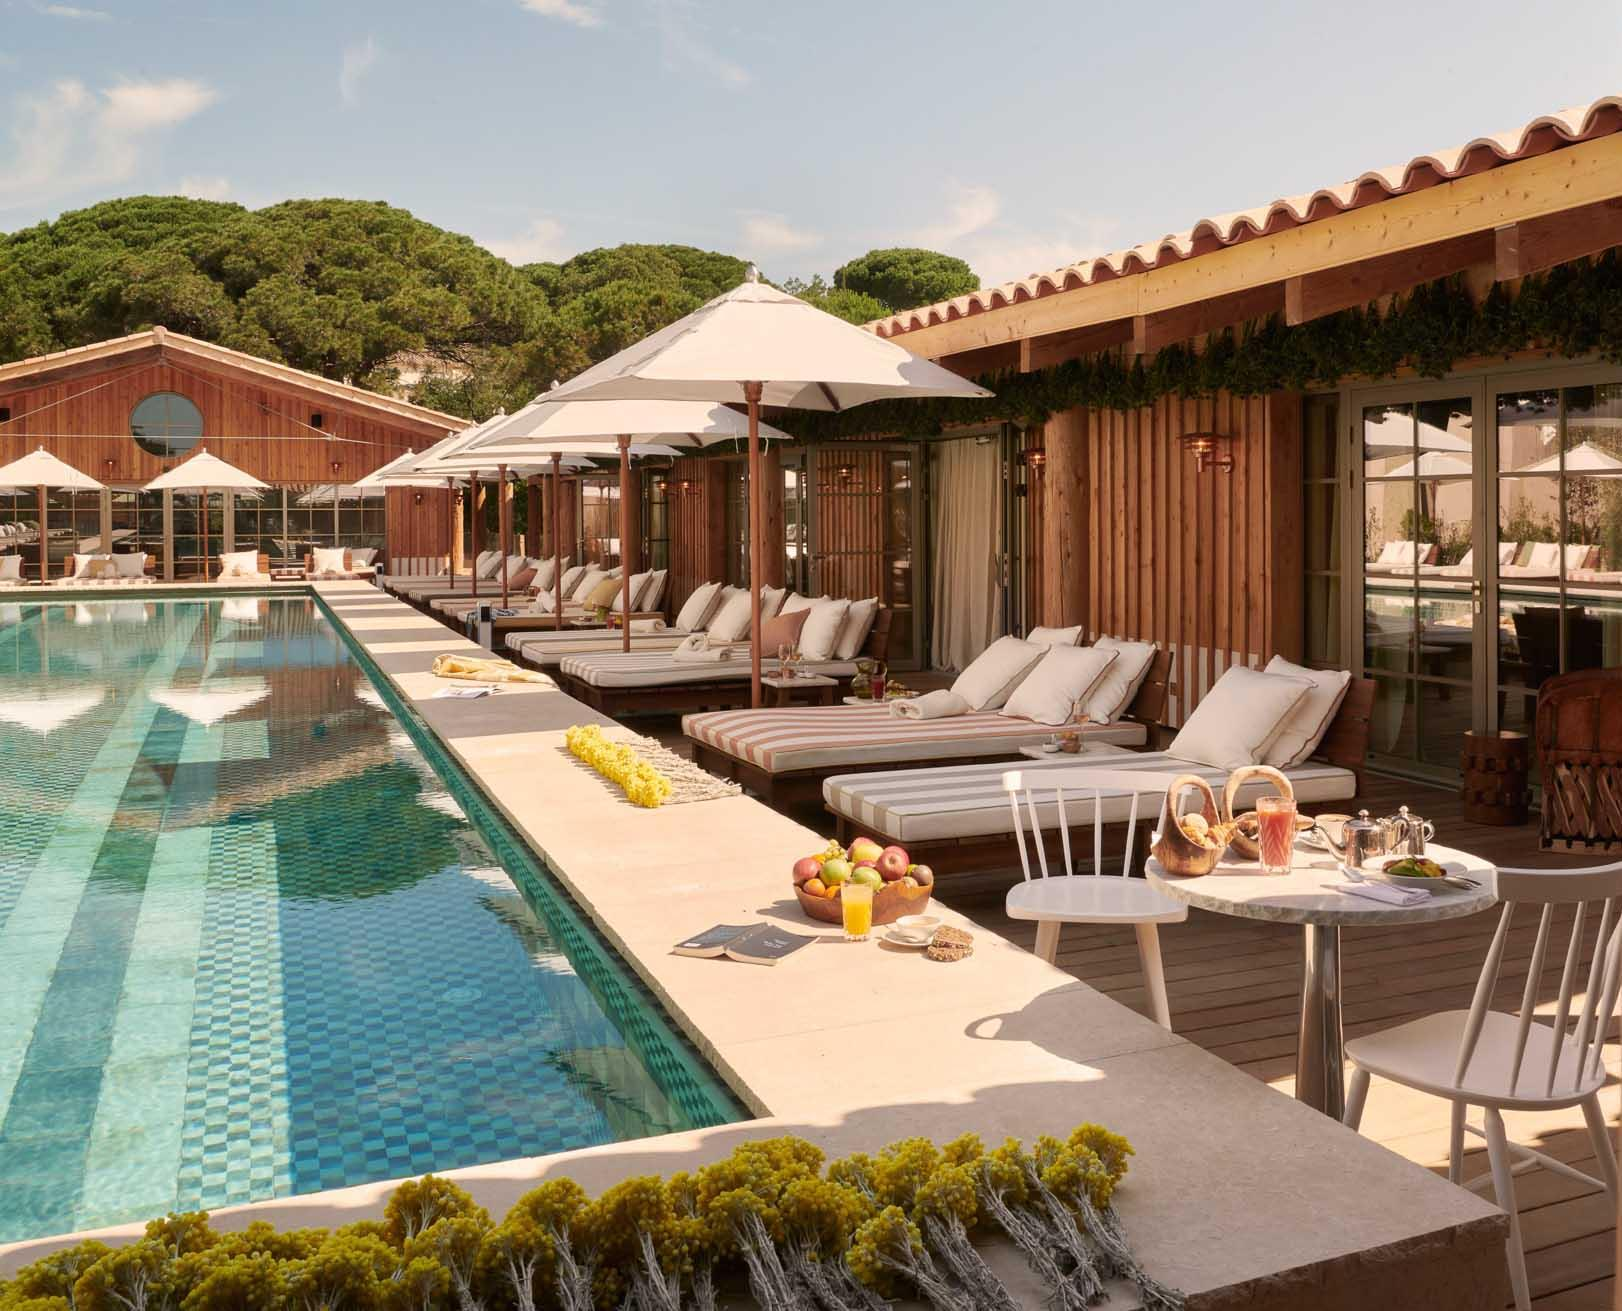 Se détendre au soleil au bord de la piscine de Lily of the Valley © DR